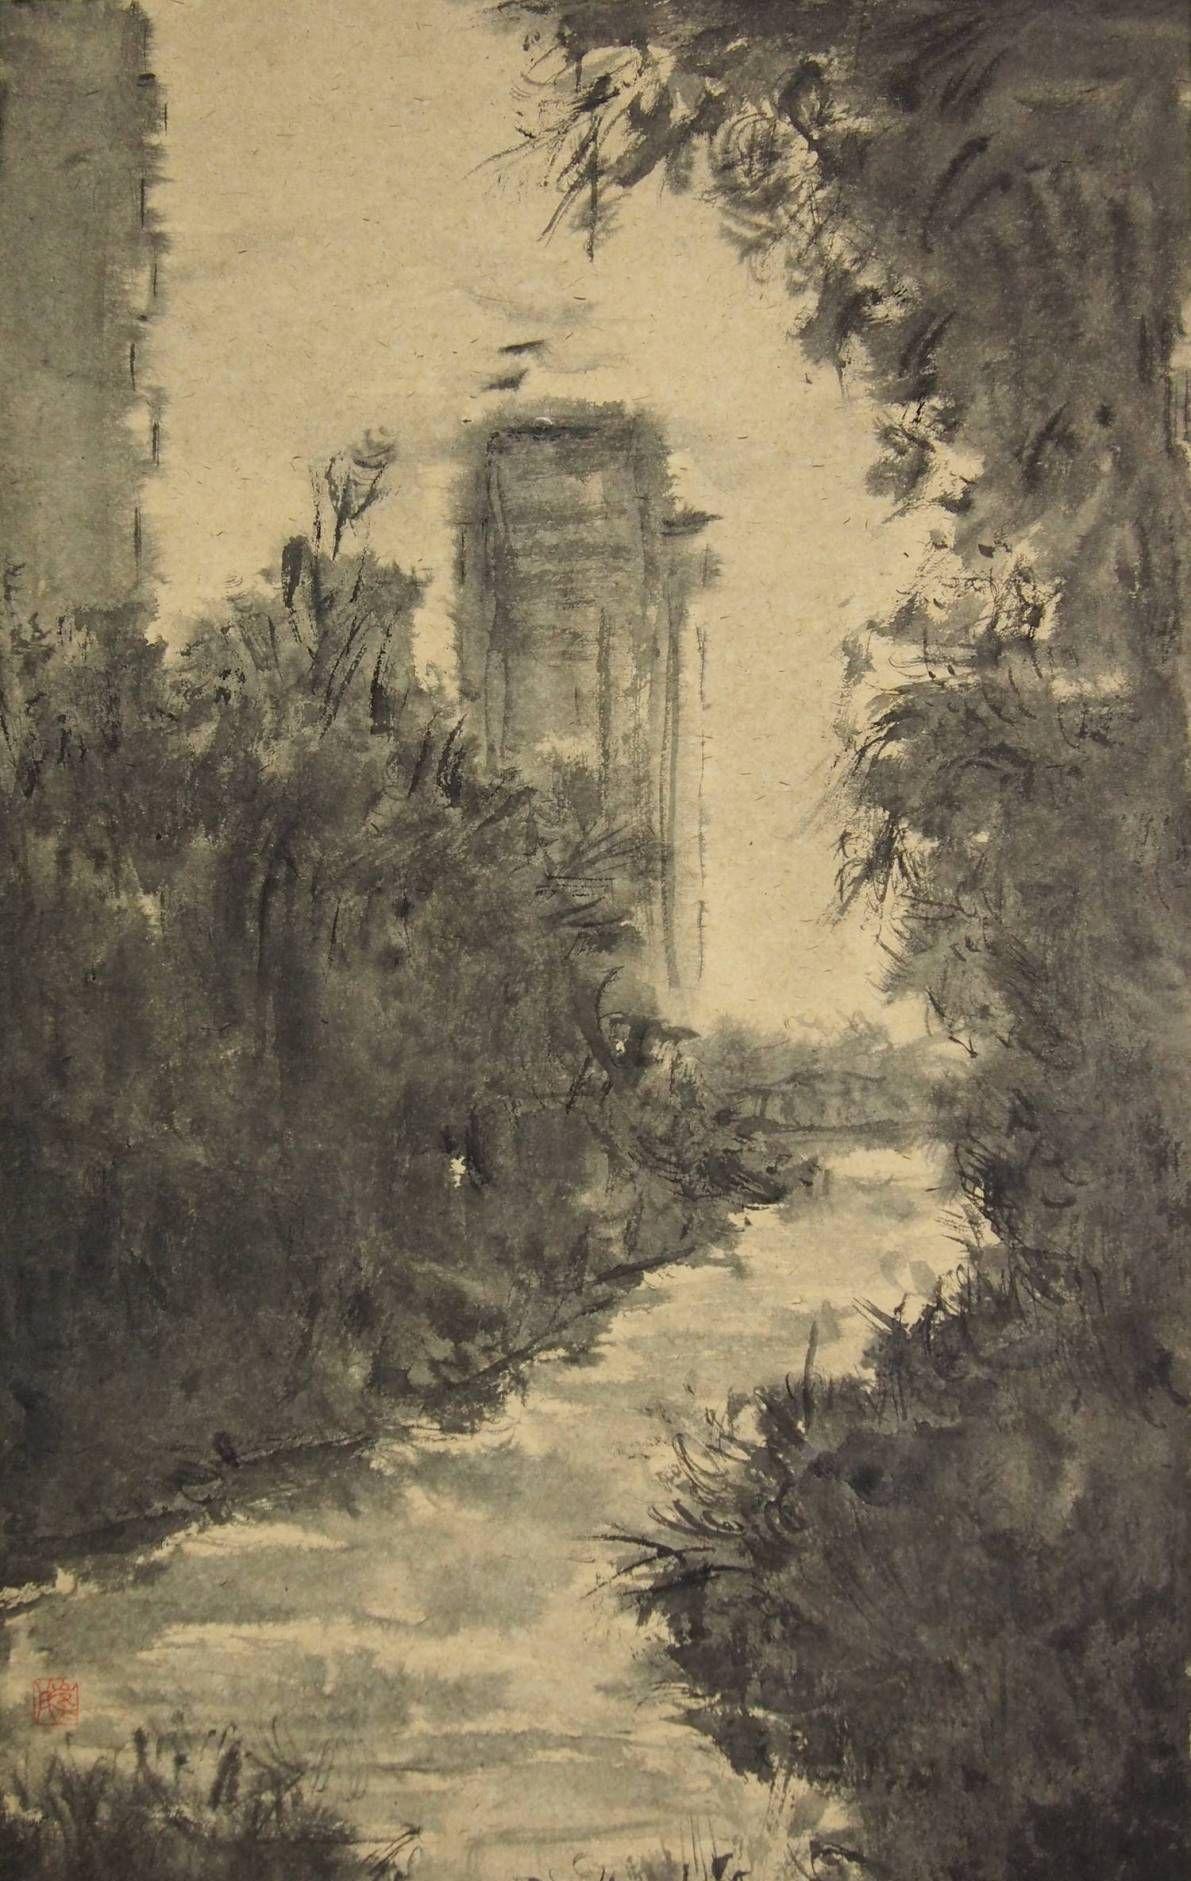 上海大学美术学院毕业研究生崔彤创作的风景系列国画作品